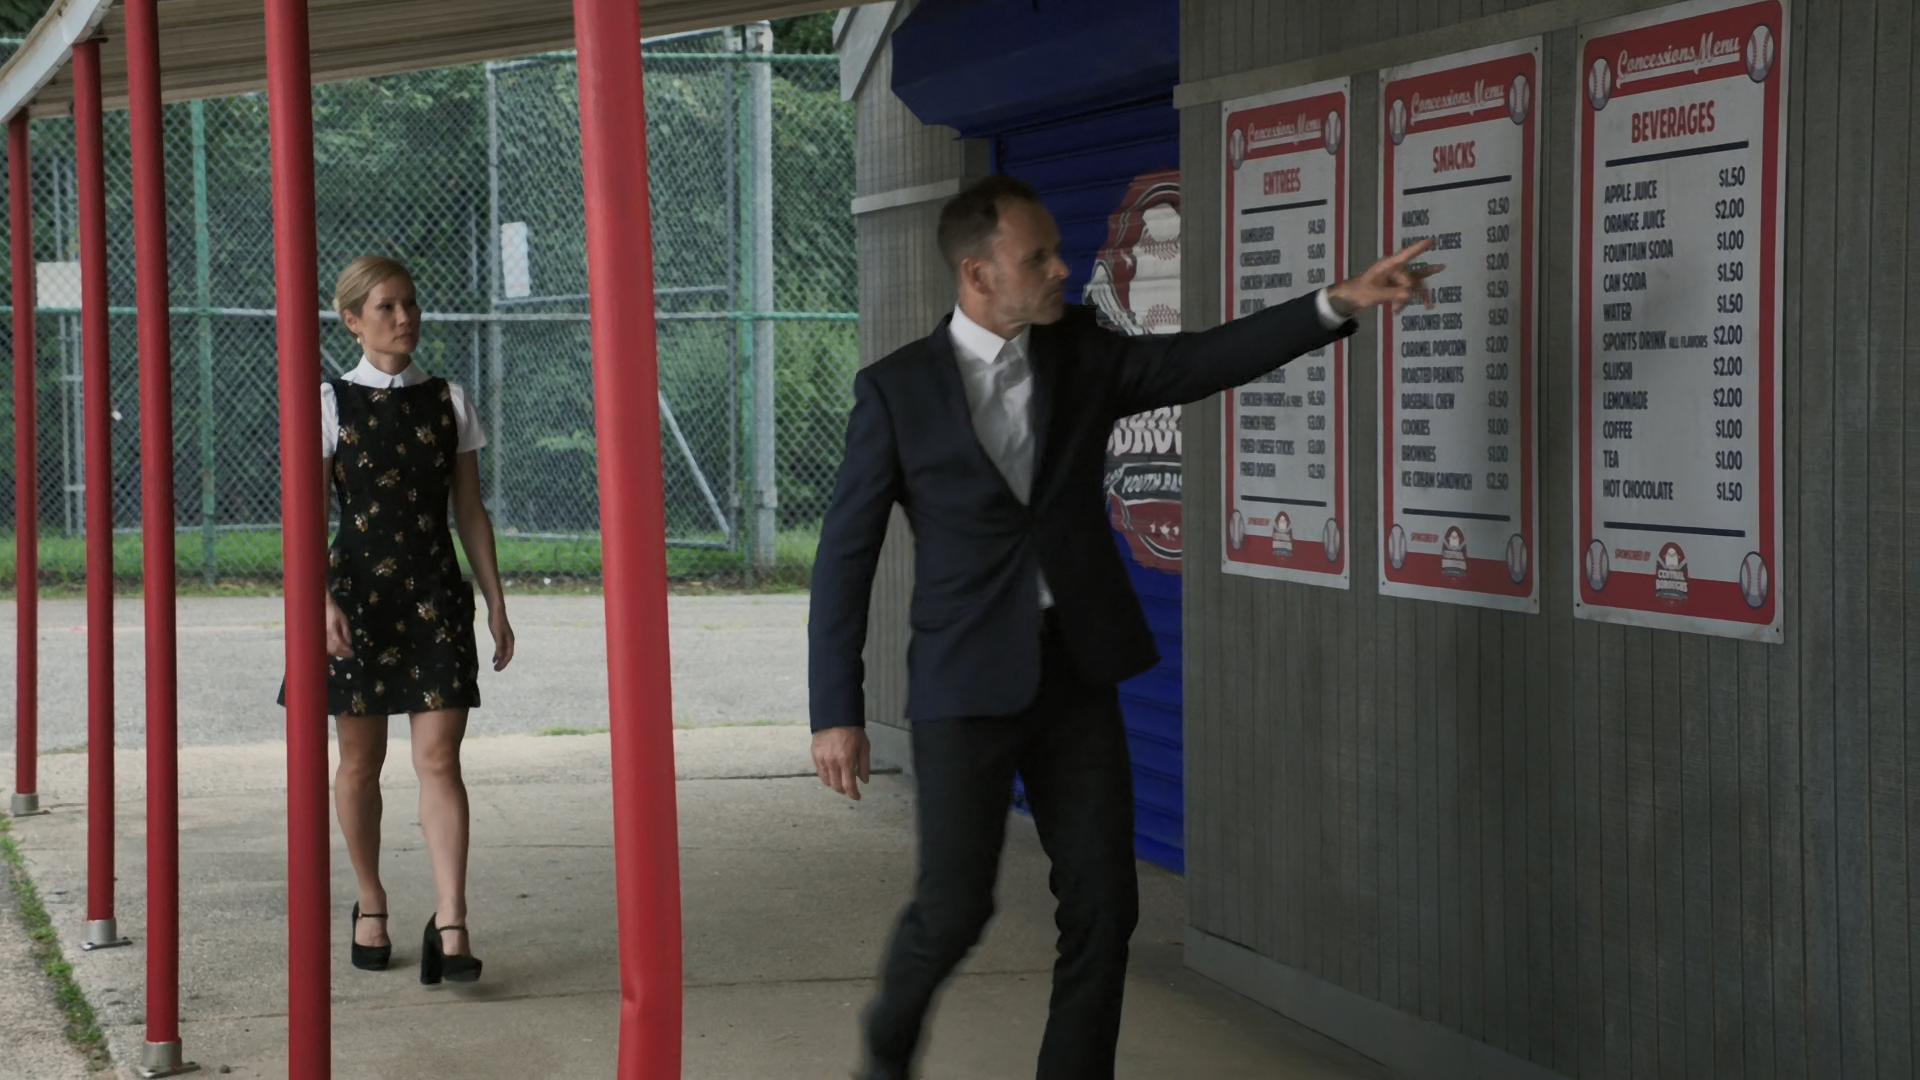 Lucy Liu in The Fashion of Elementary Season 7 Plaid Silk Dress by Prada